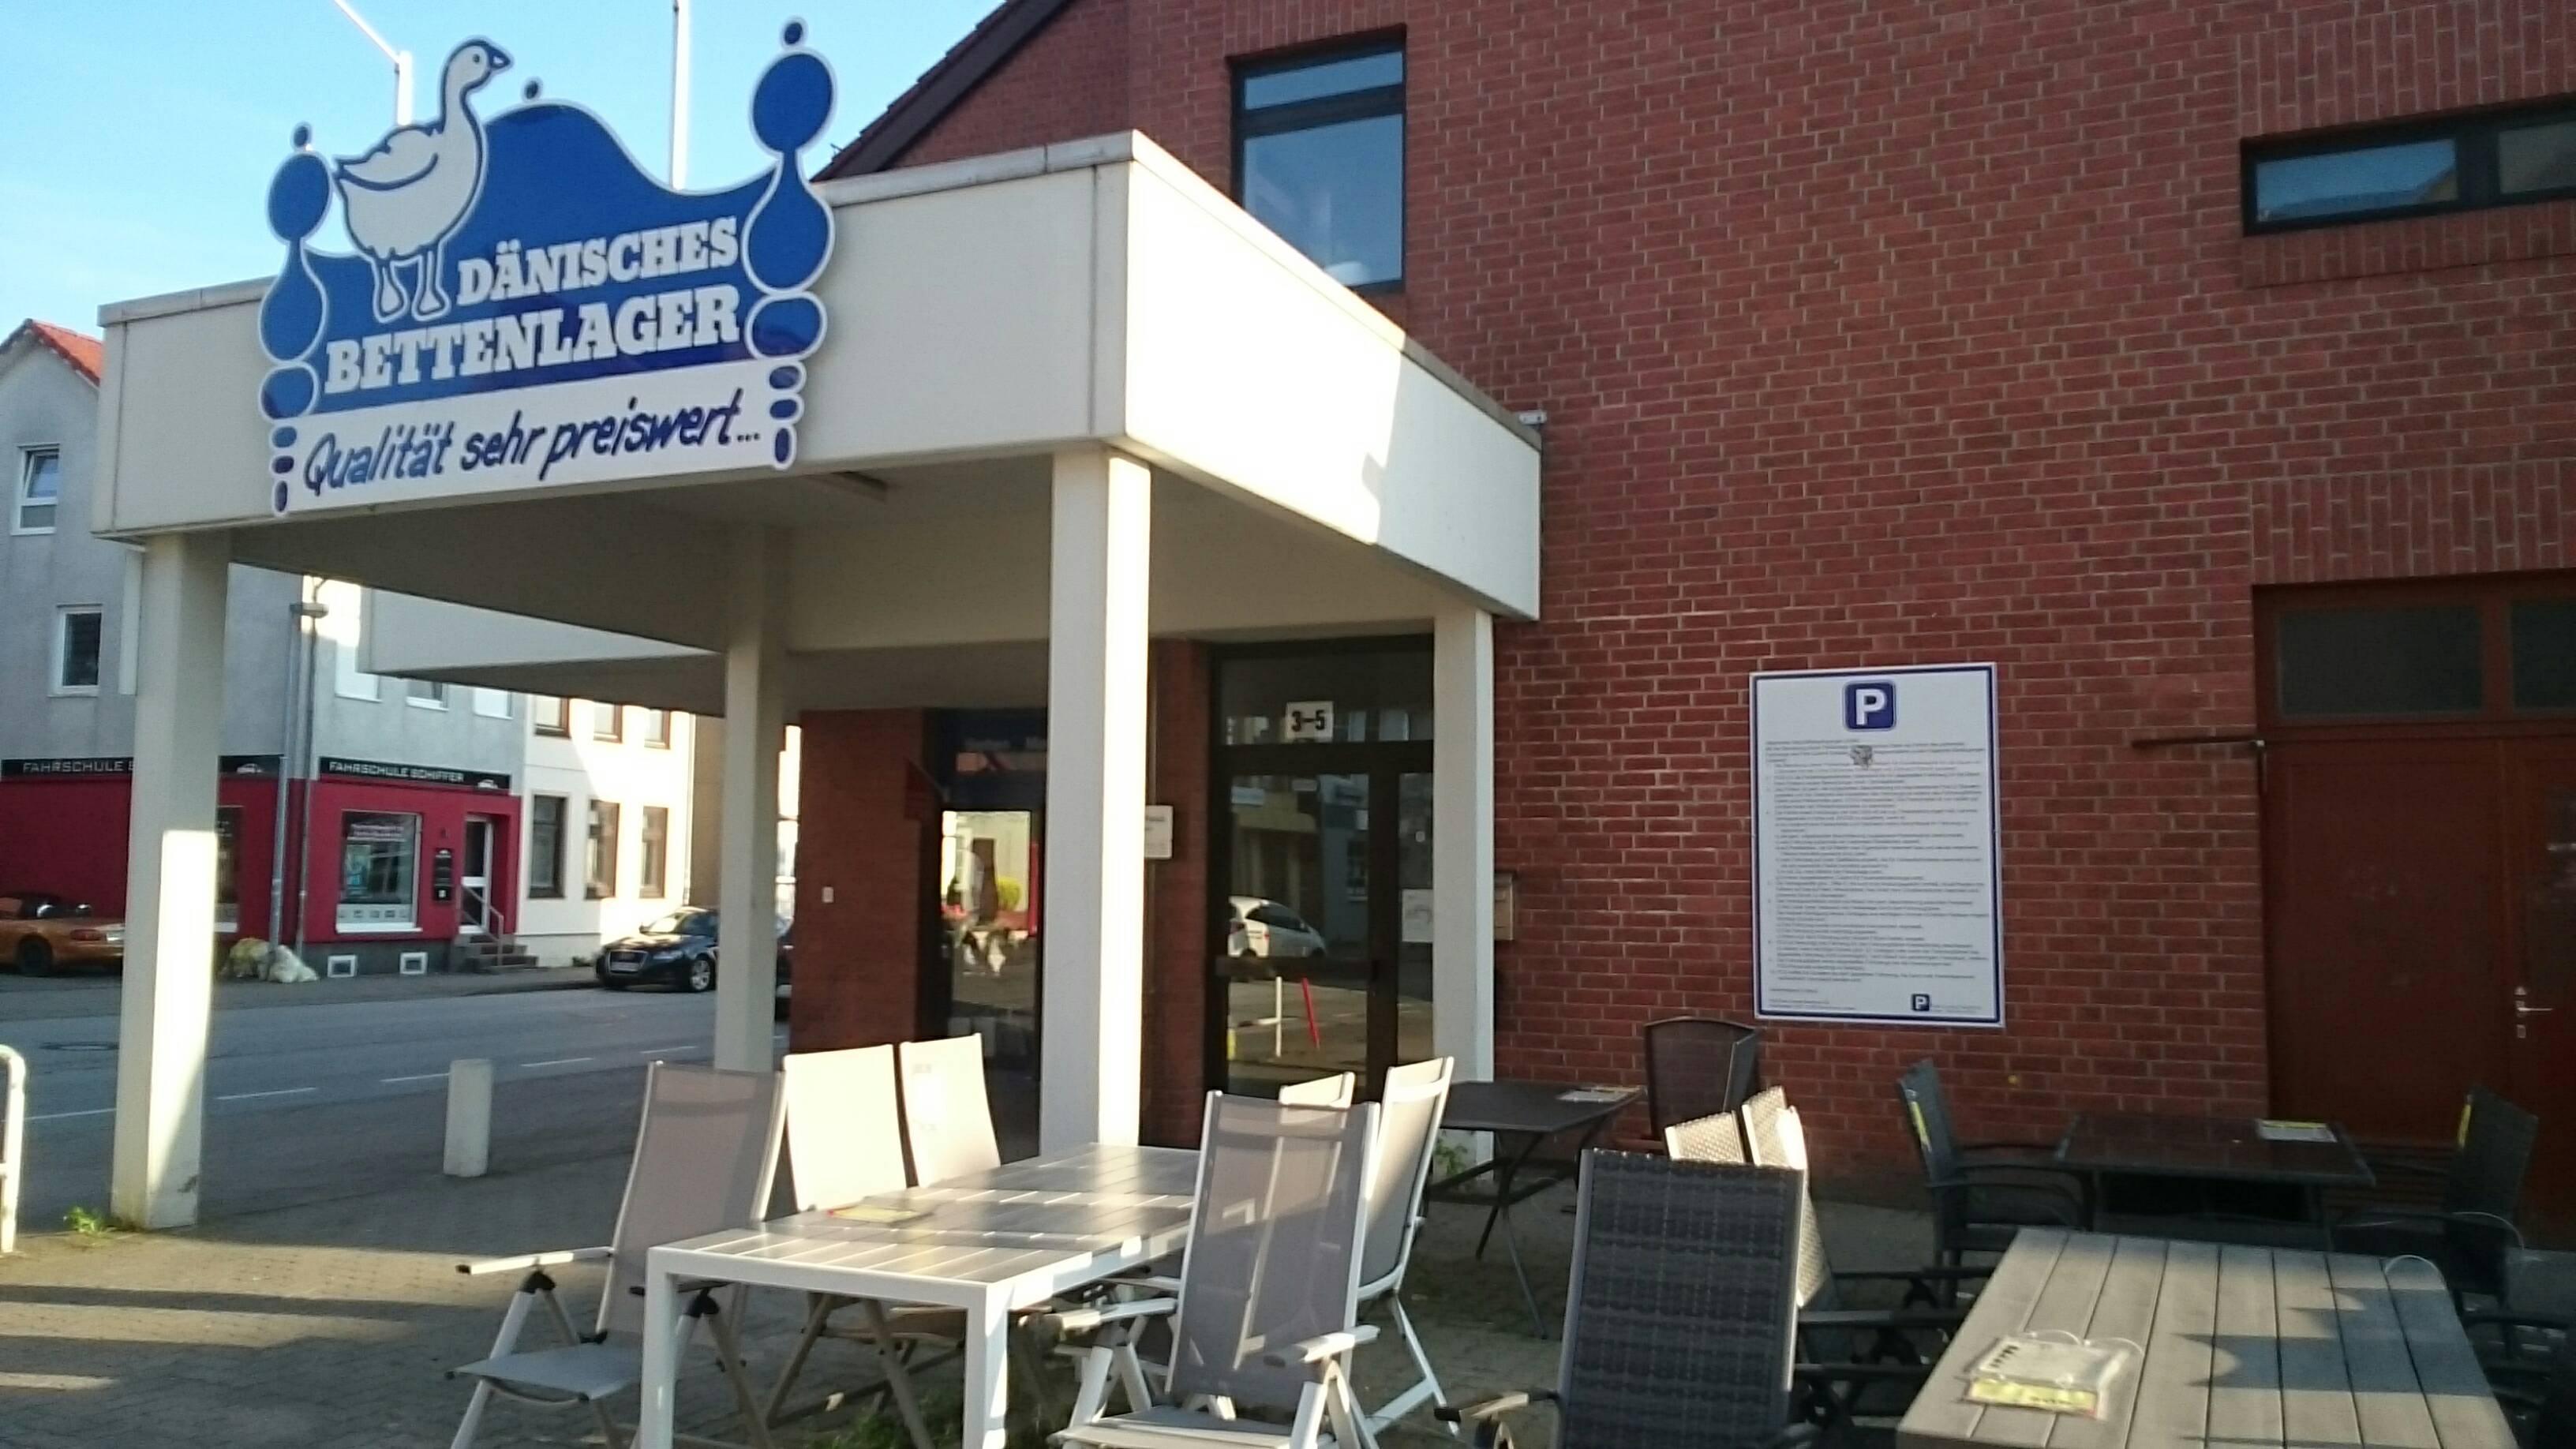 Danisches Bettenlager 23879 Molln Offnungszeiten Adresse